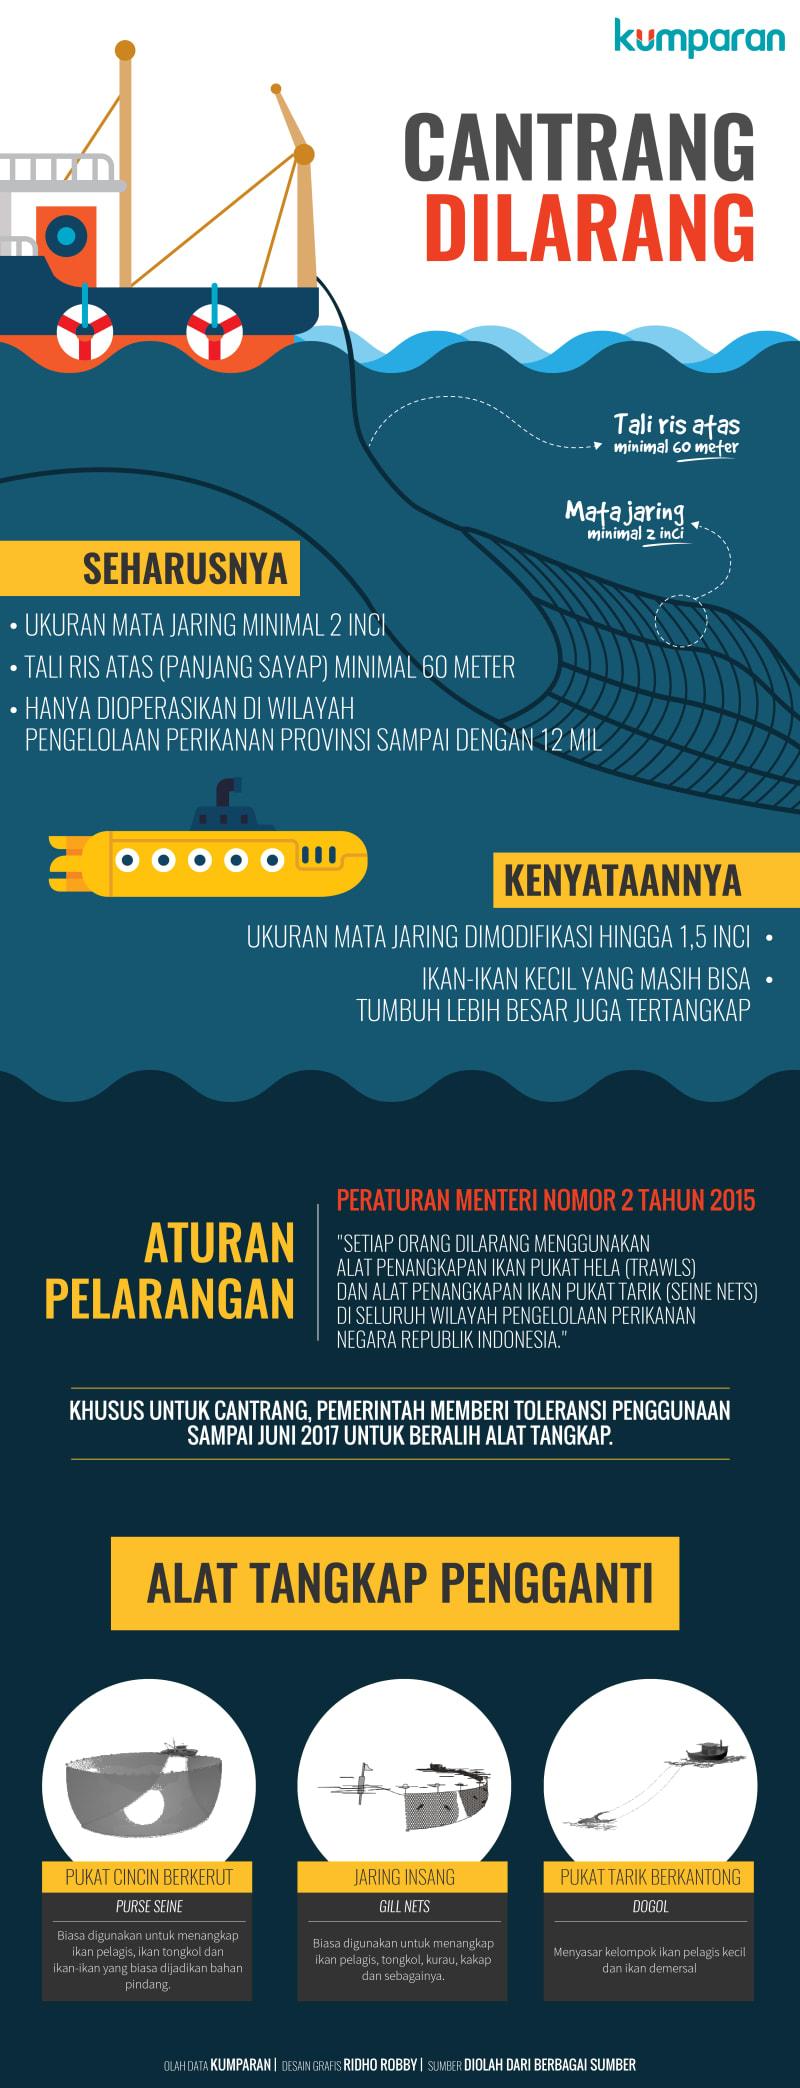 Infografis Cantrang Dilarang